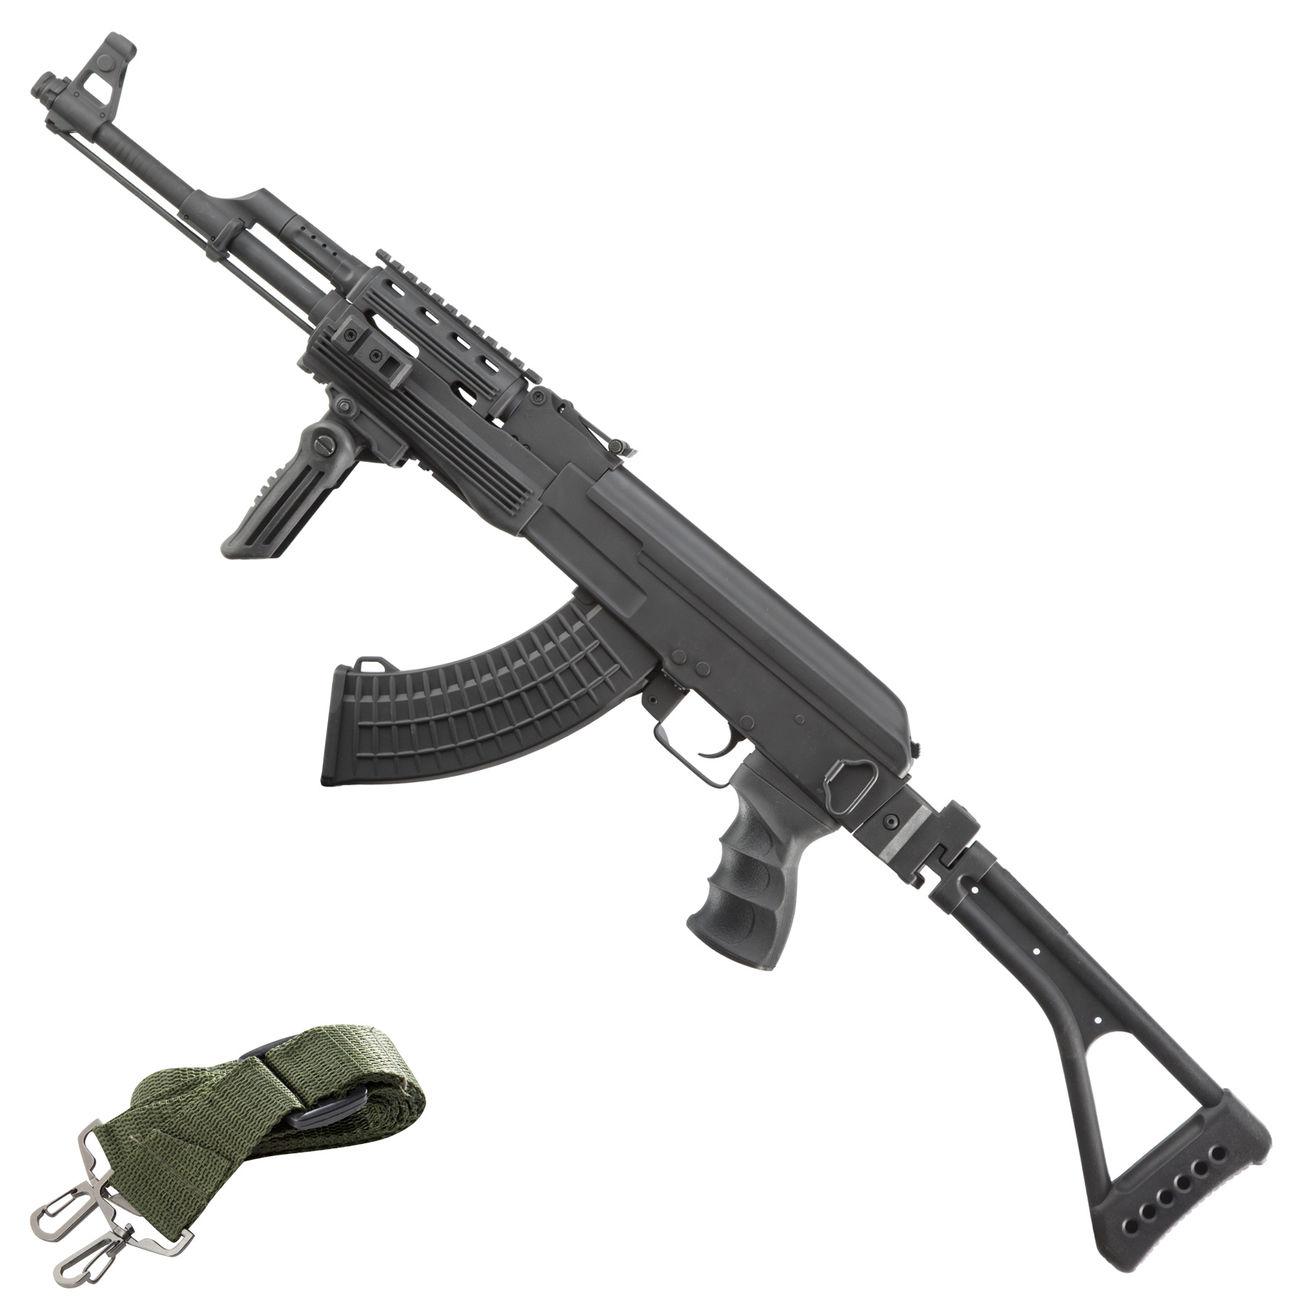 cm ak47 tactical mit klappschaft s aeg 6mm bb schwarz kotte zeller. Black Bedroom Furniture Sets. Home Design Ideas